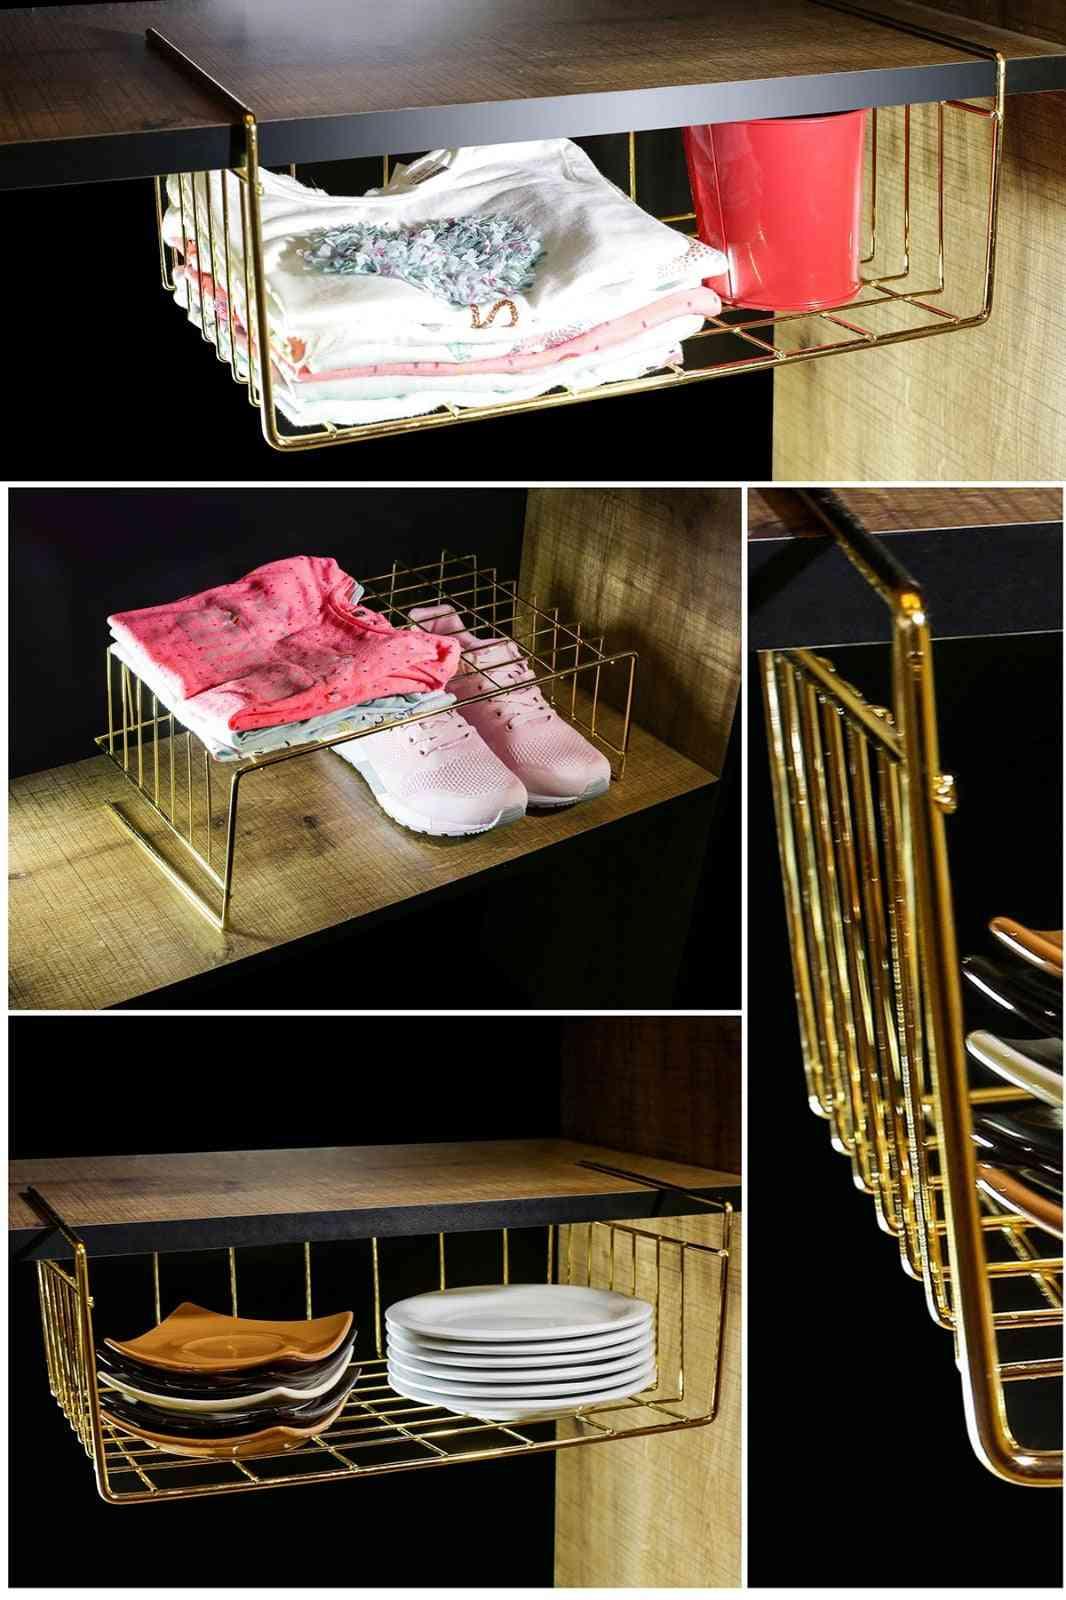 Cupboard Hanging, Under Shelf Storage Organizer, Iron Mesh Basket